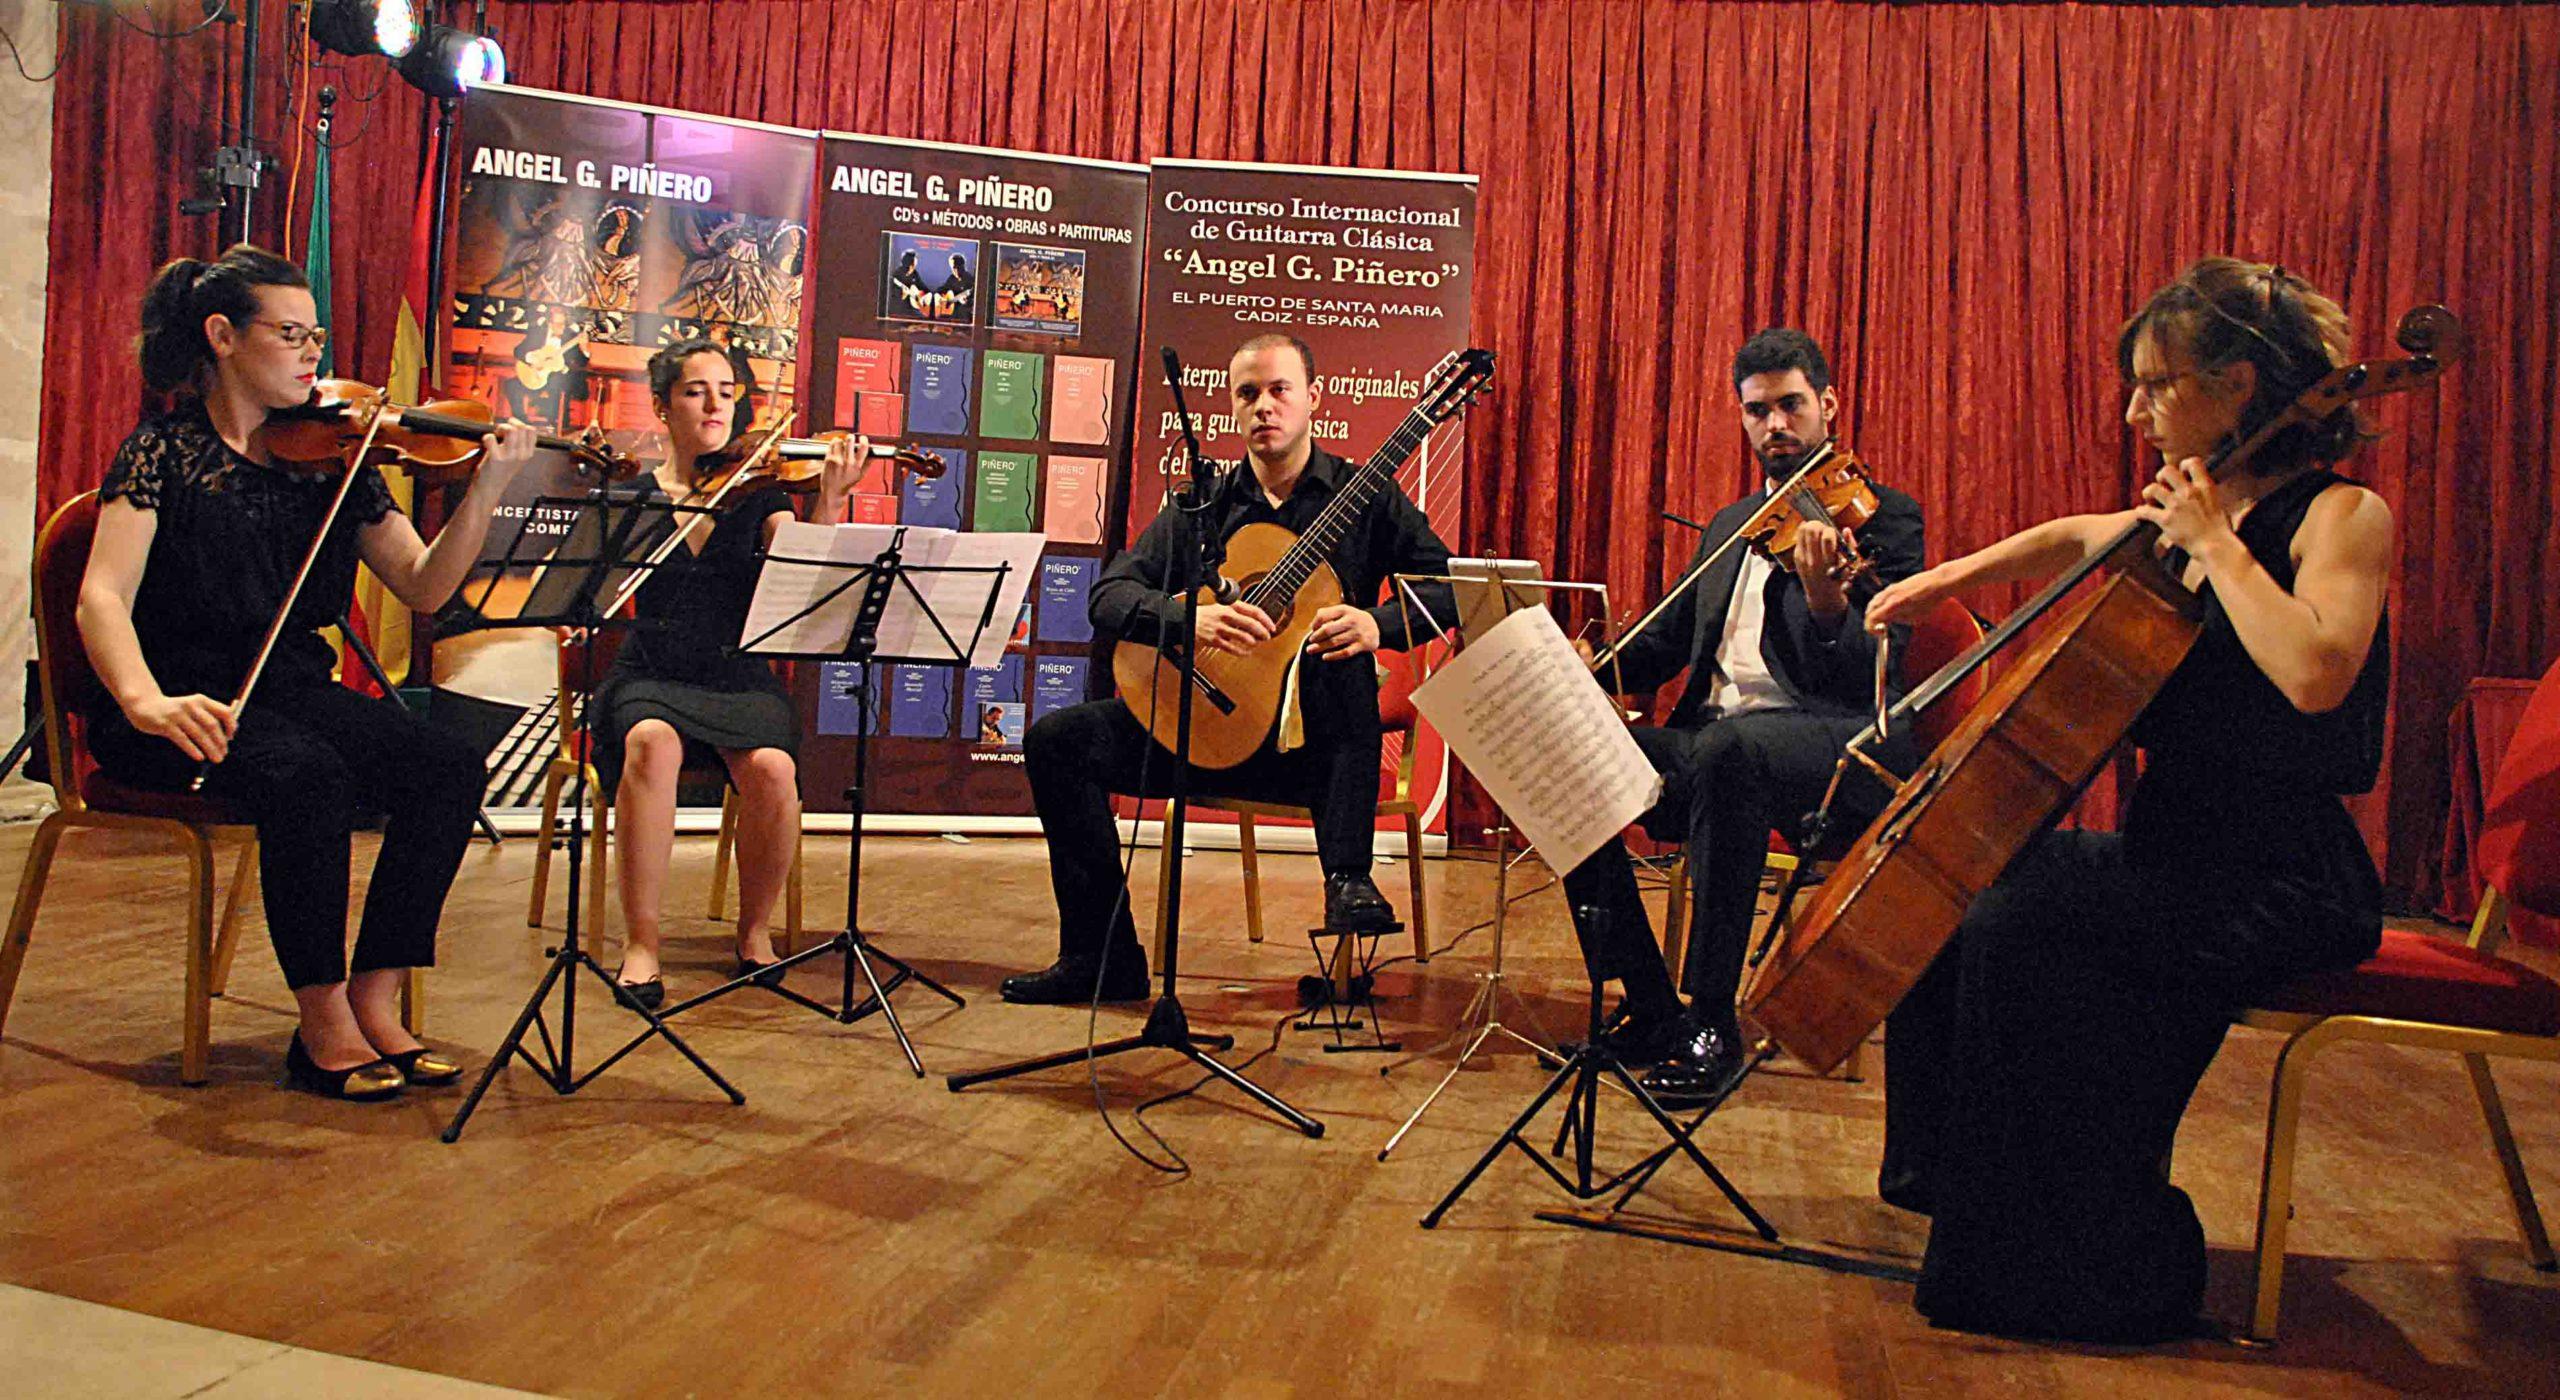 Obras del compositor andaluz Ángel G. Piñero sonarán en mayo en varios conciertos en Madrid y Francia